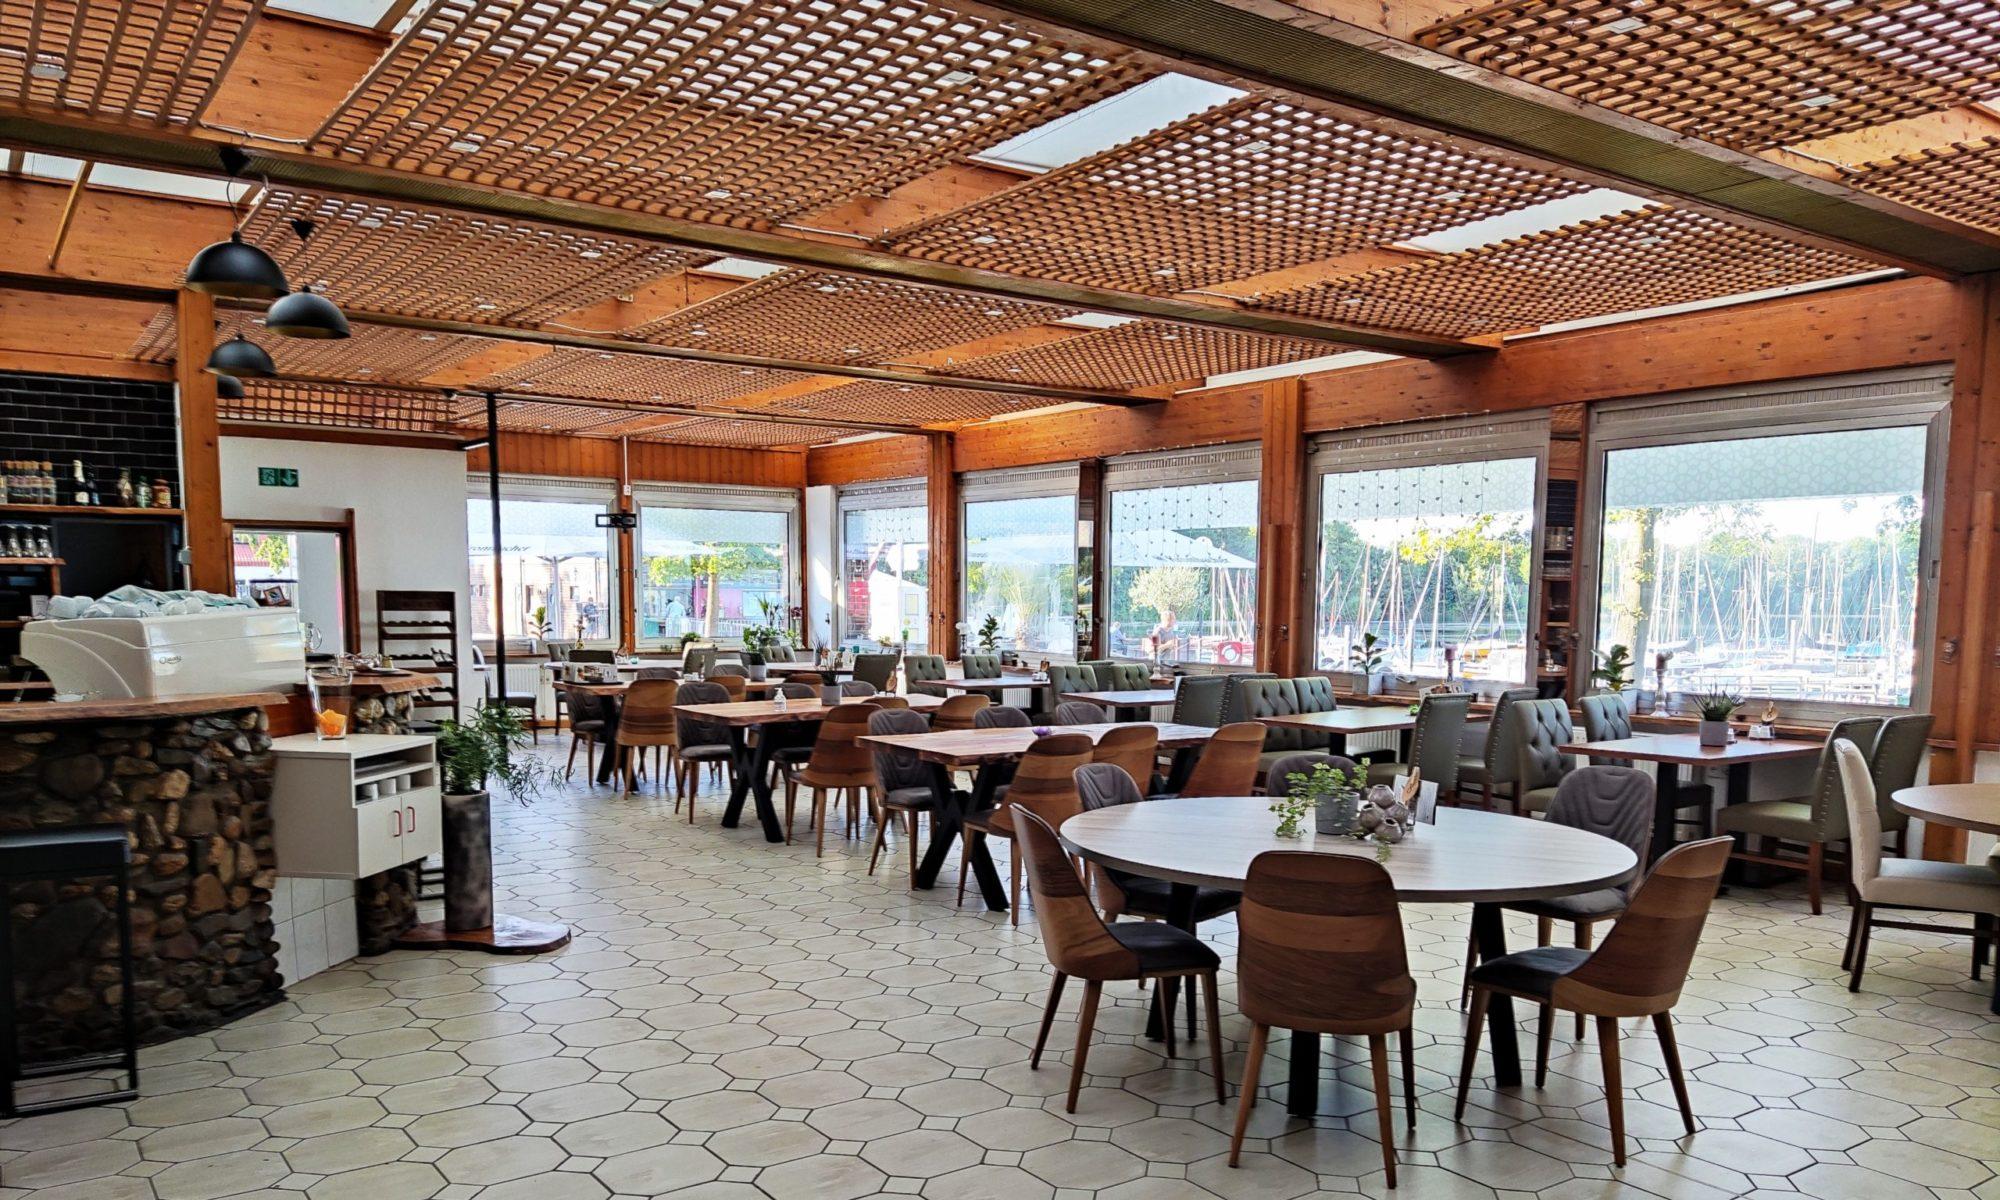 Hido Cafe & Restaurant